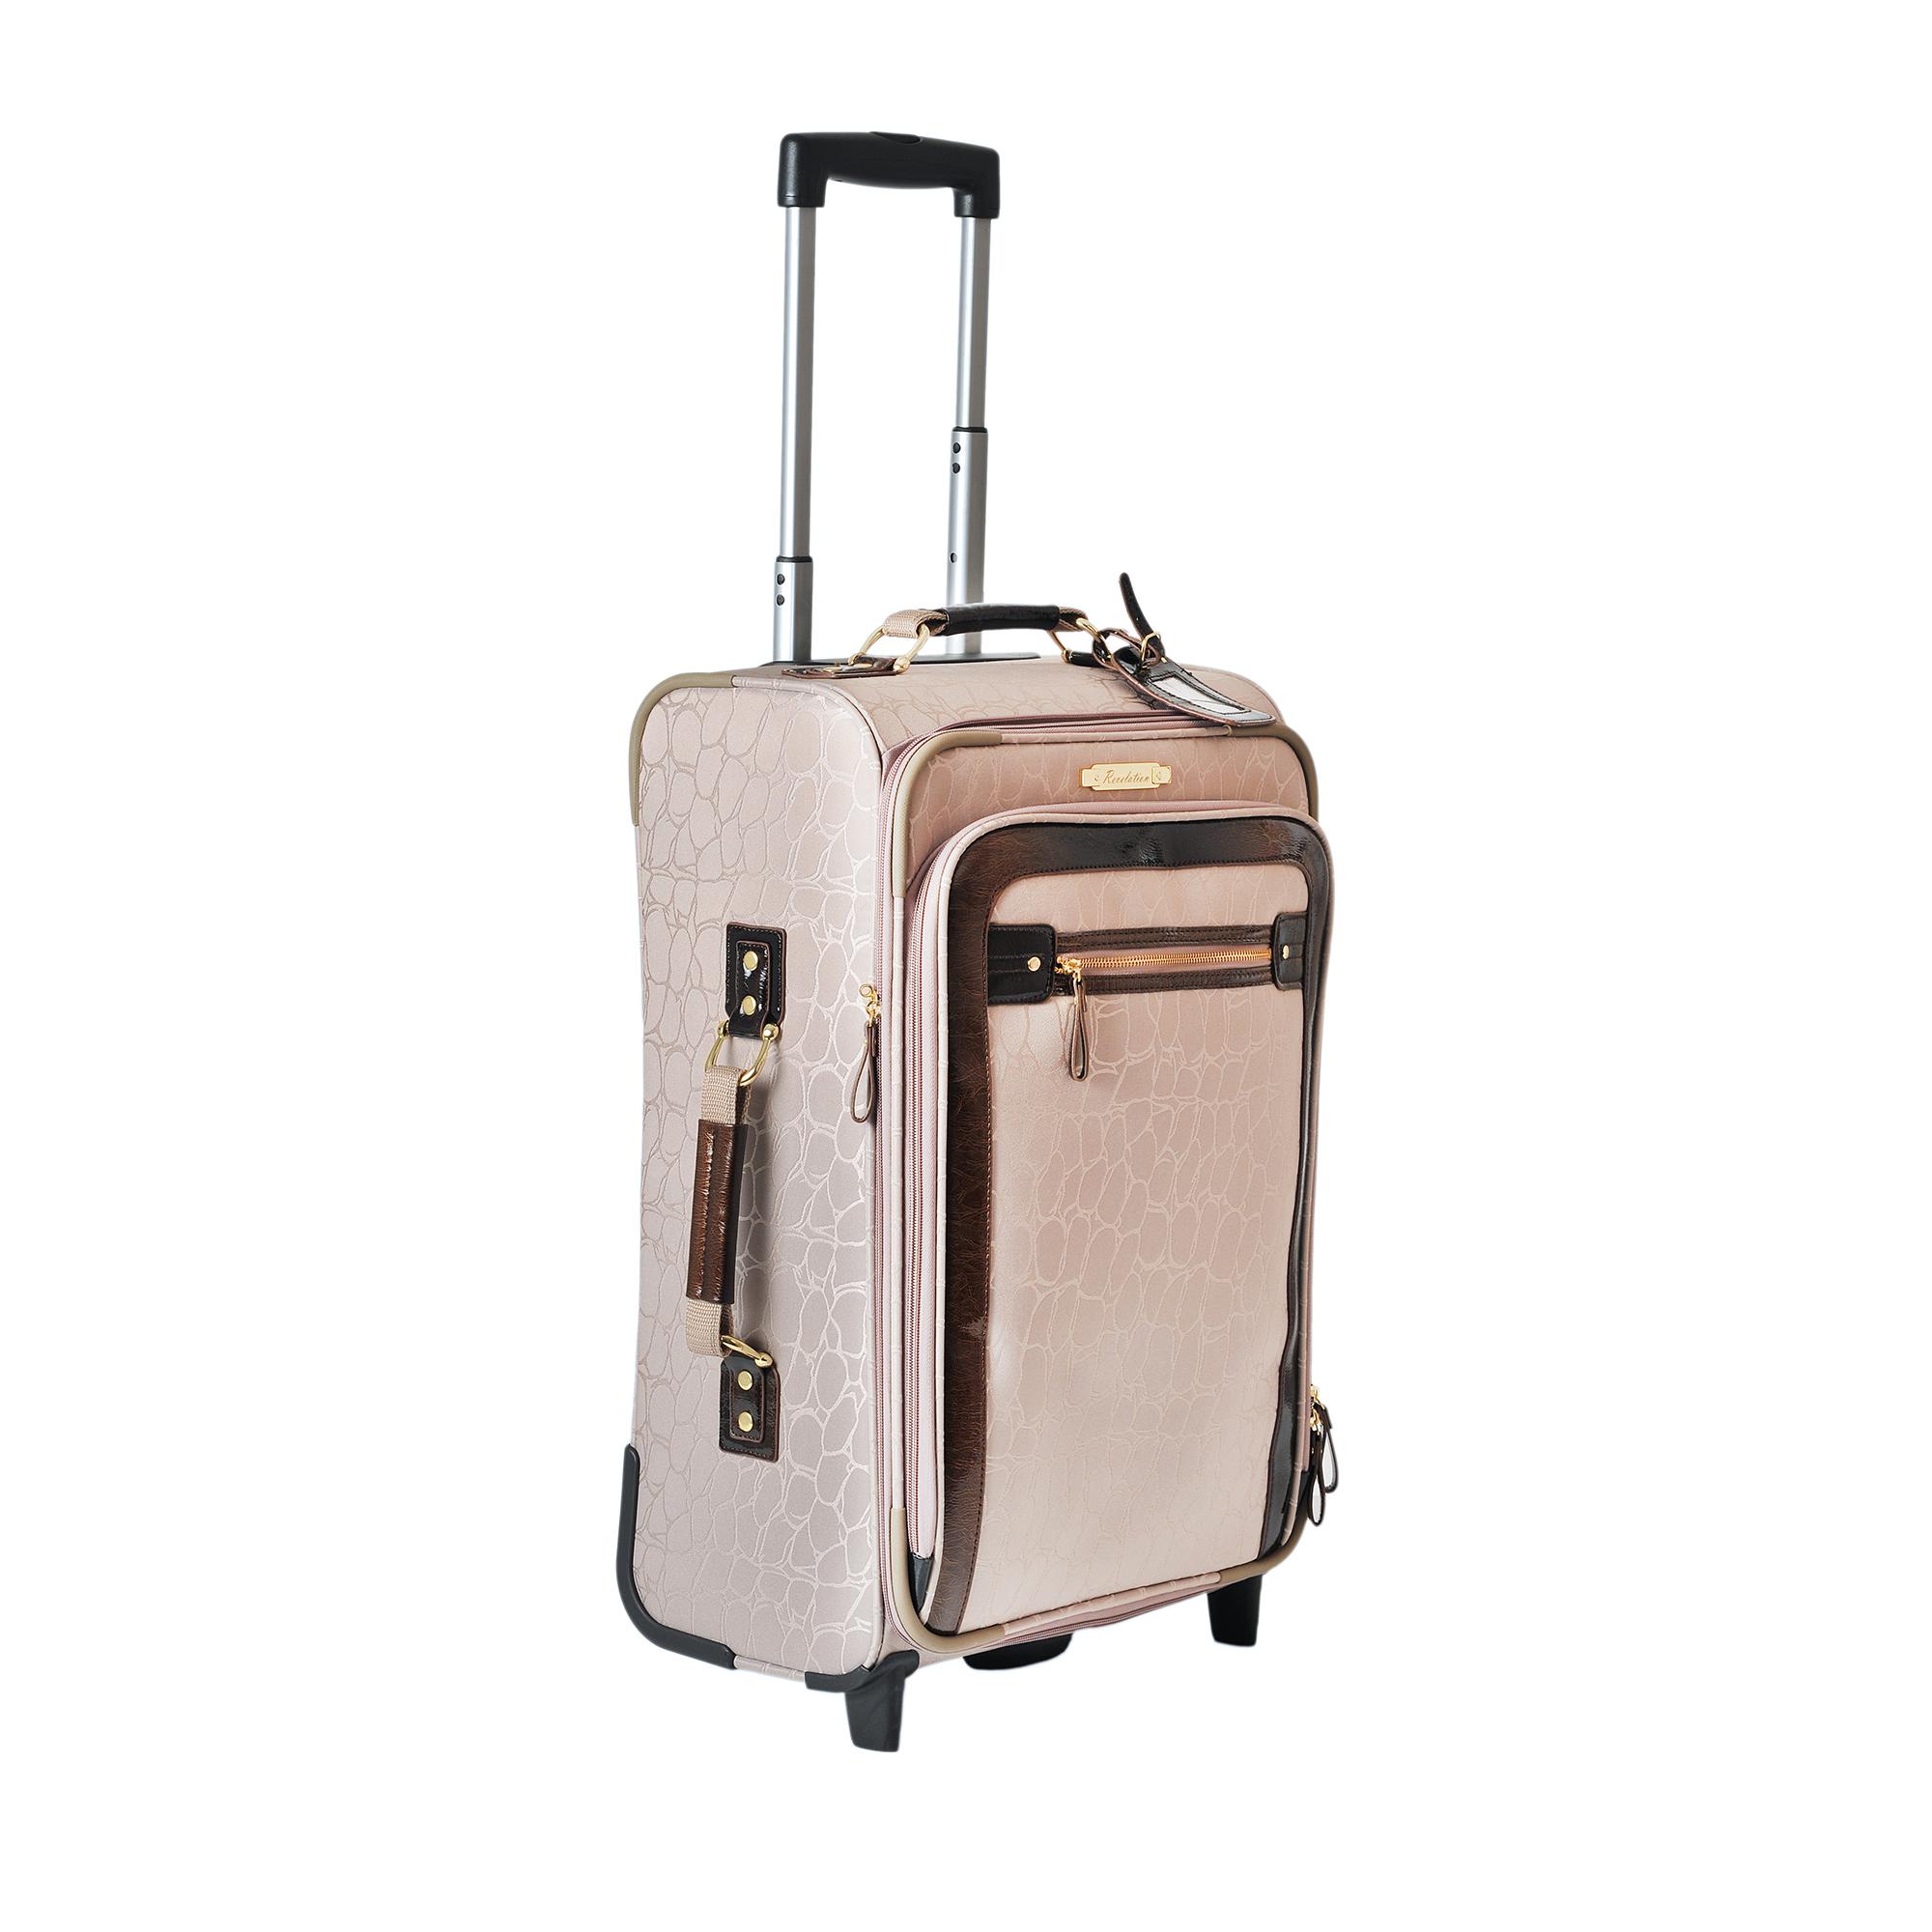 Чемоданы купить revalation чемоданы повышенной прочности